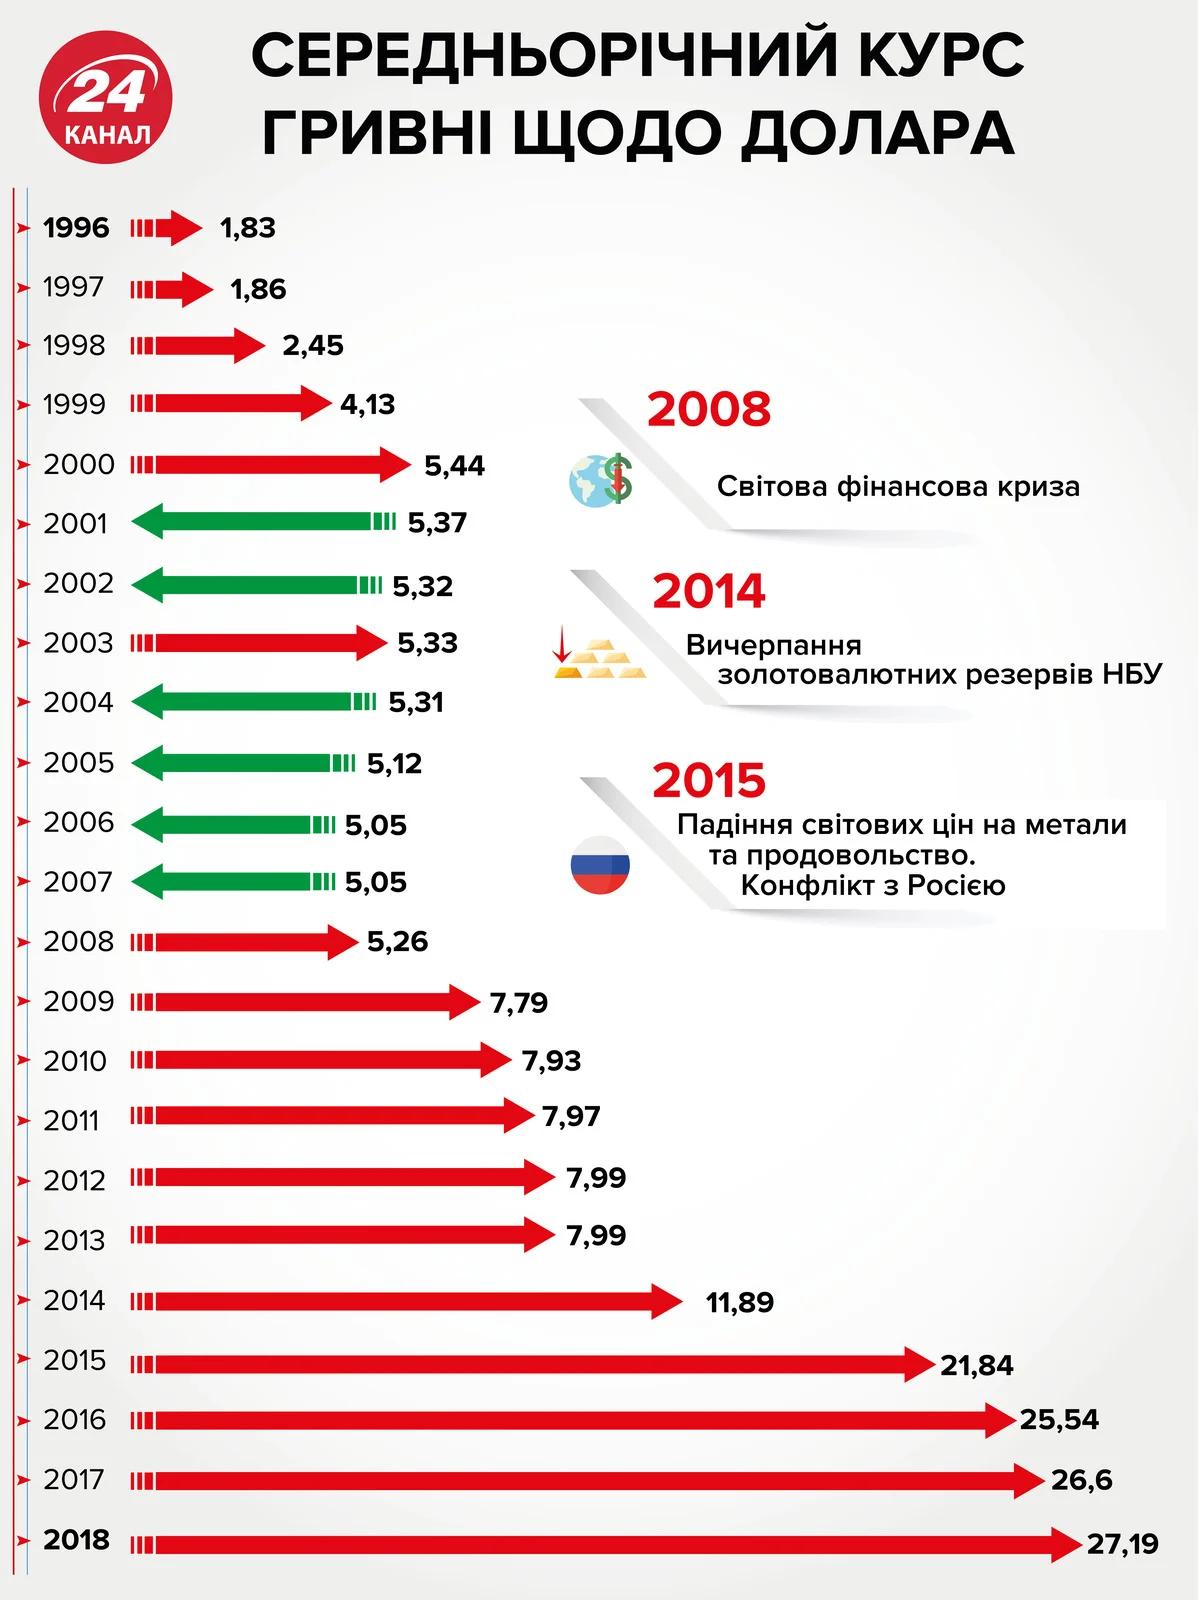 Середньорічний курс долара щодо гривні